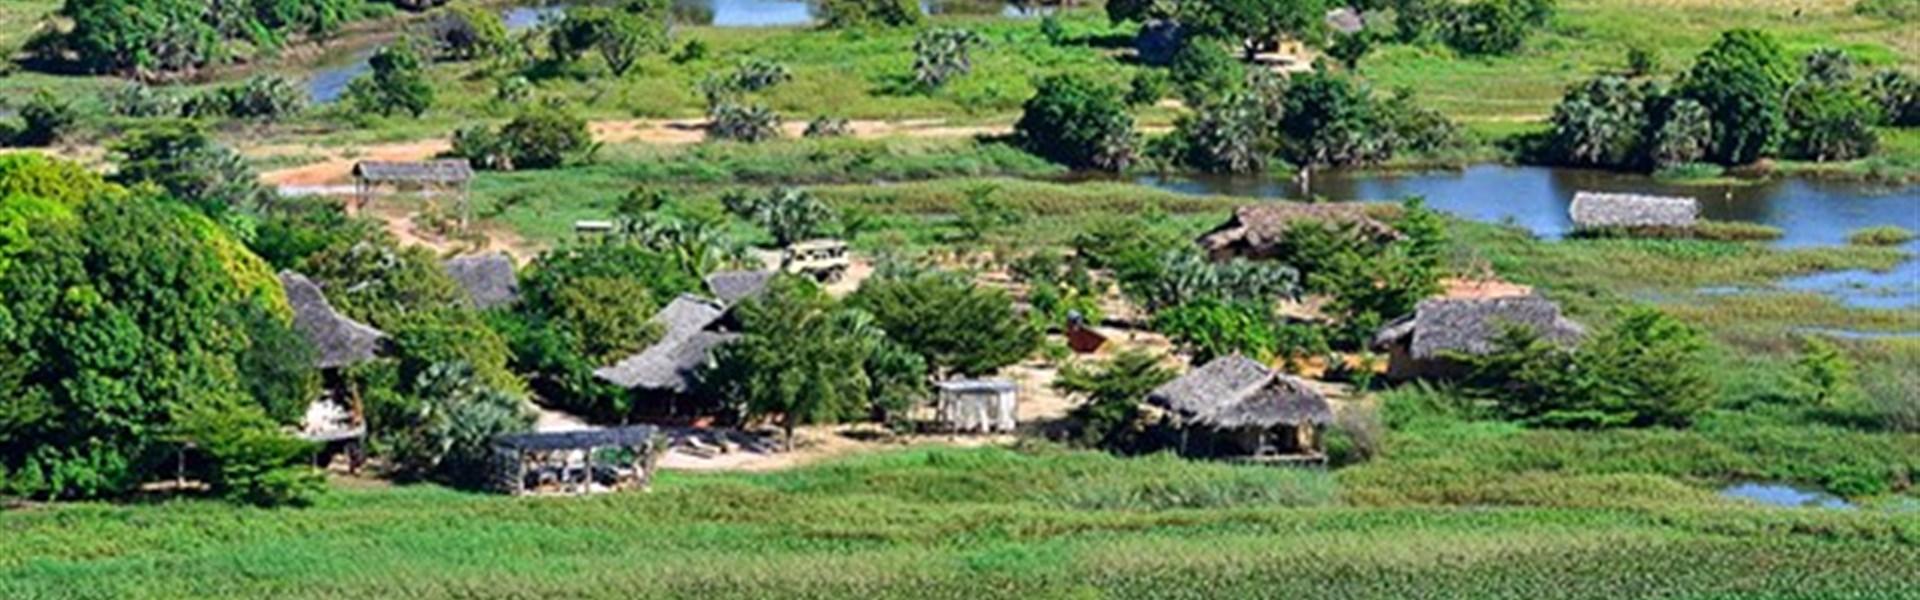 Marco Polo - Iharana Bush Camp -